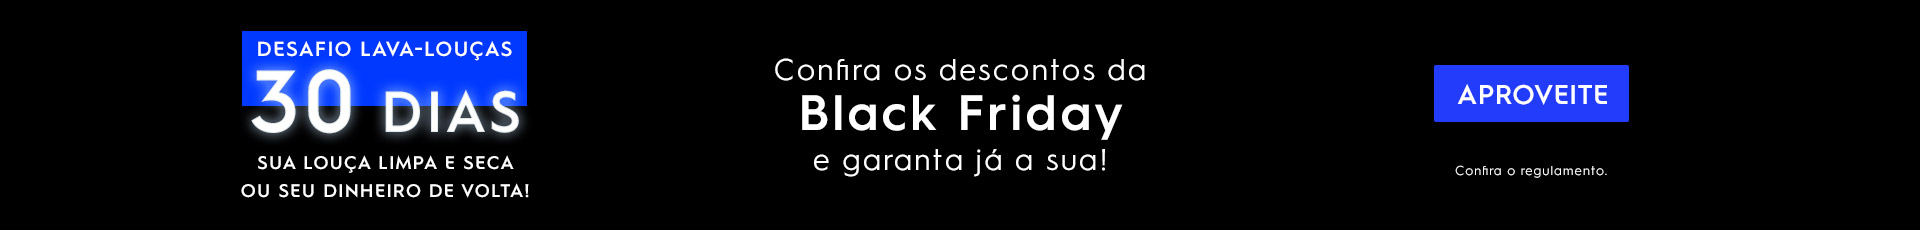 Desafio 30 Dias Lava louças BLACK FRIDAY